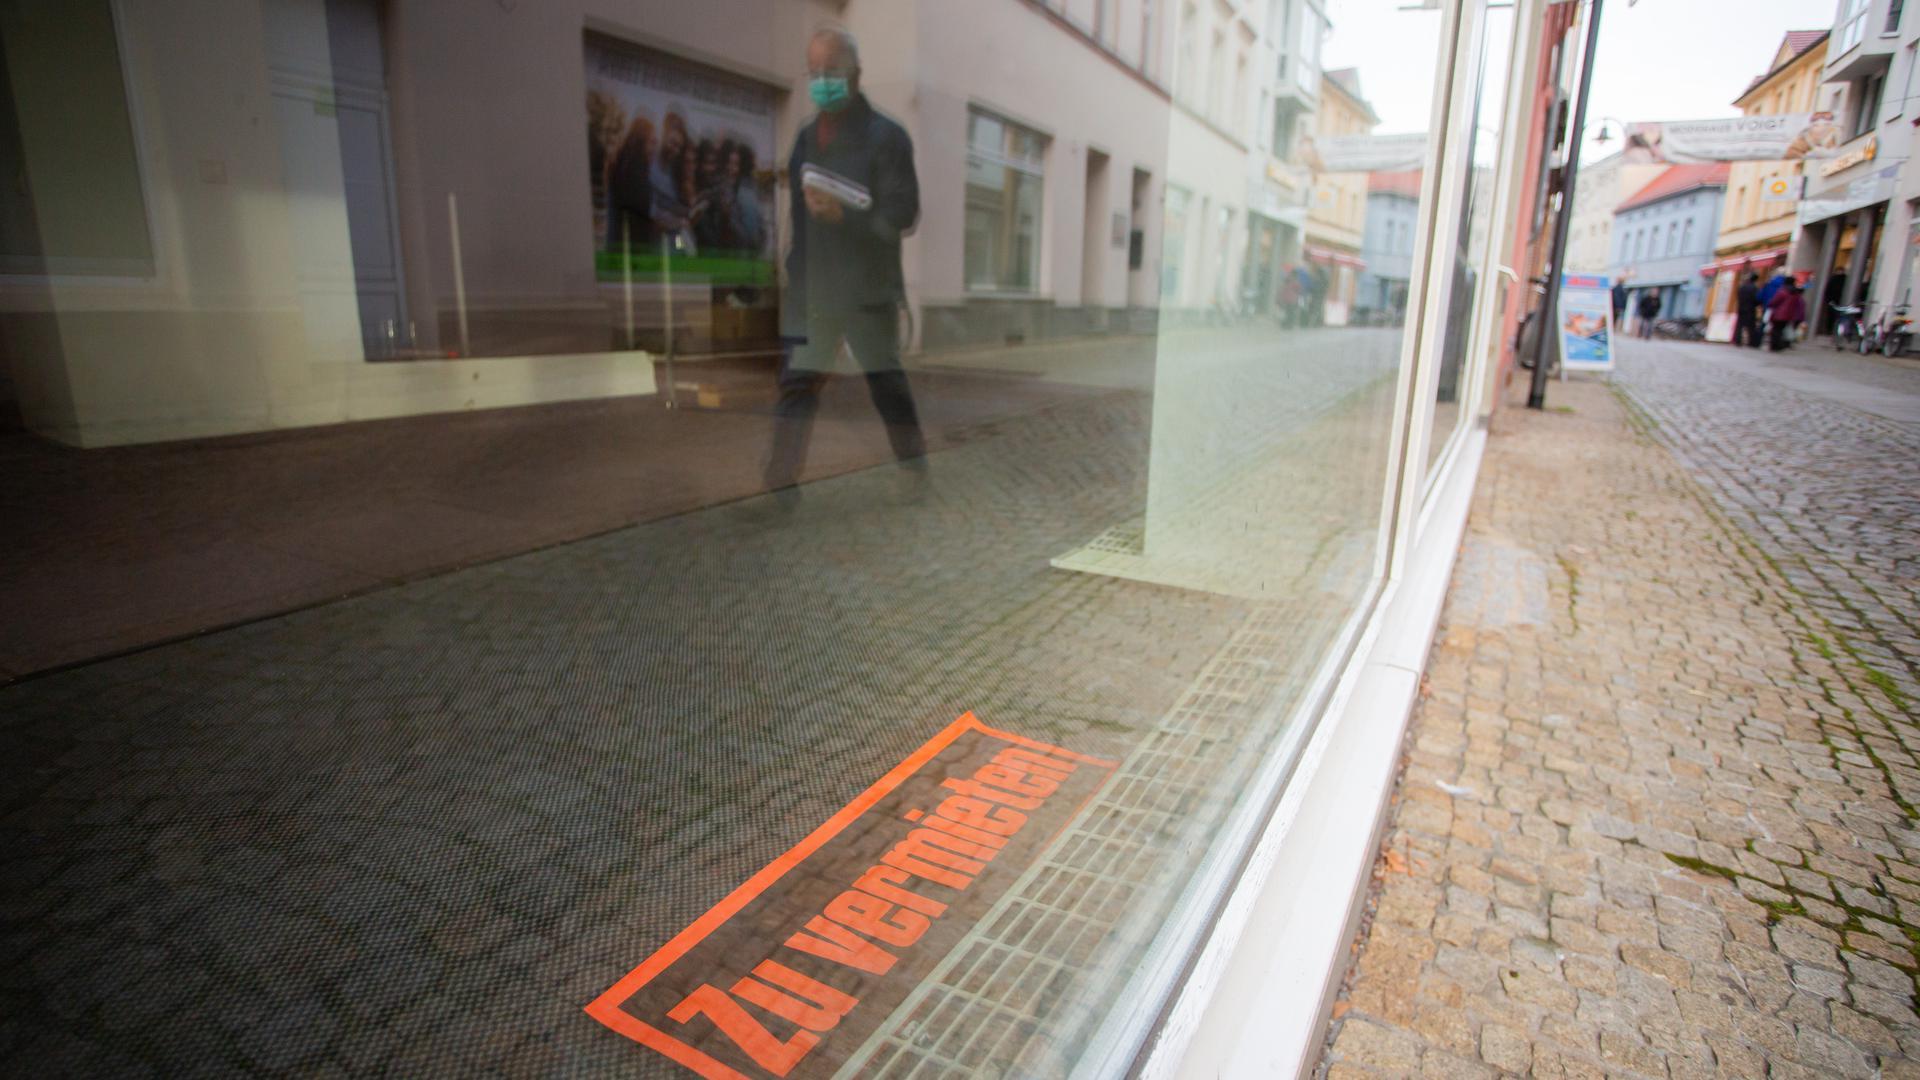 """dpatopbilder - 14.12.2020, Brandenburg, Senftenberg: """"Zu vermieten"""" steht in Senftenberg im südbrandenburgischen Landkreis Oberspreewald-Lausitz in einem leeren Geschäft in einer Einkaufsstraße. Die Bundeskanzlerin und die Ministerpräsidenten der Länder haben einen harten bundesweiten Lockdown ab dem 16. Dezember beschlossen. Foto: Christoph Soeder/dpa +++ dpa-Bildfunk +++"""